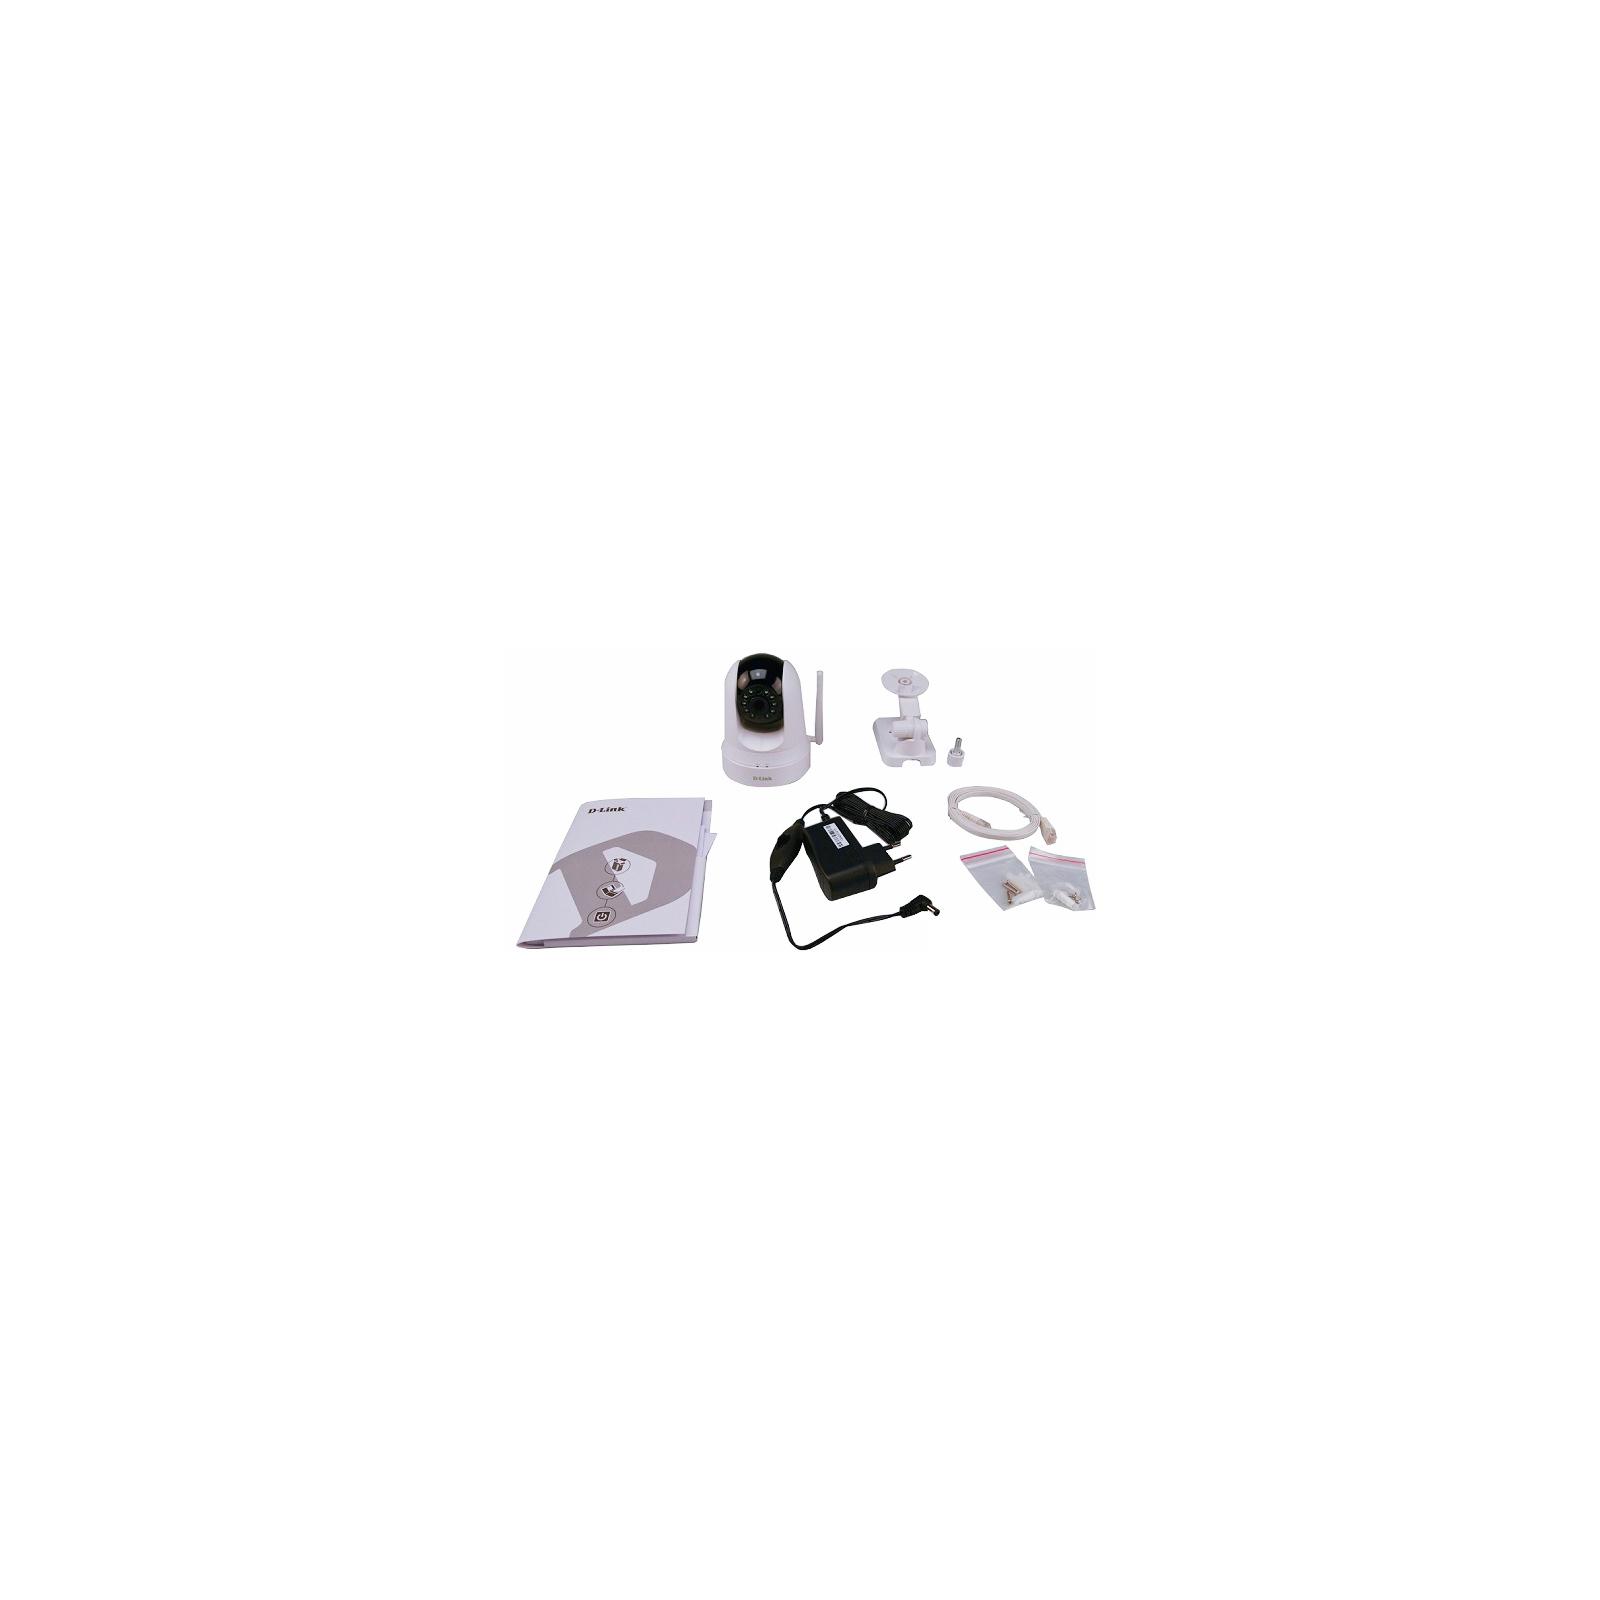 Сетевая камера D-Link DCS-5020L изображение 5